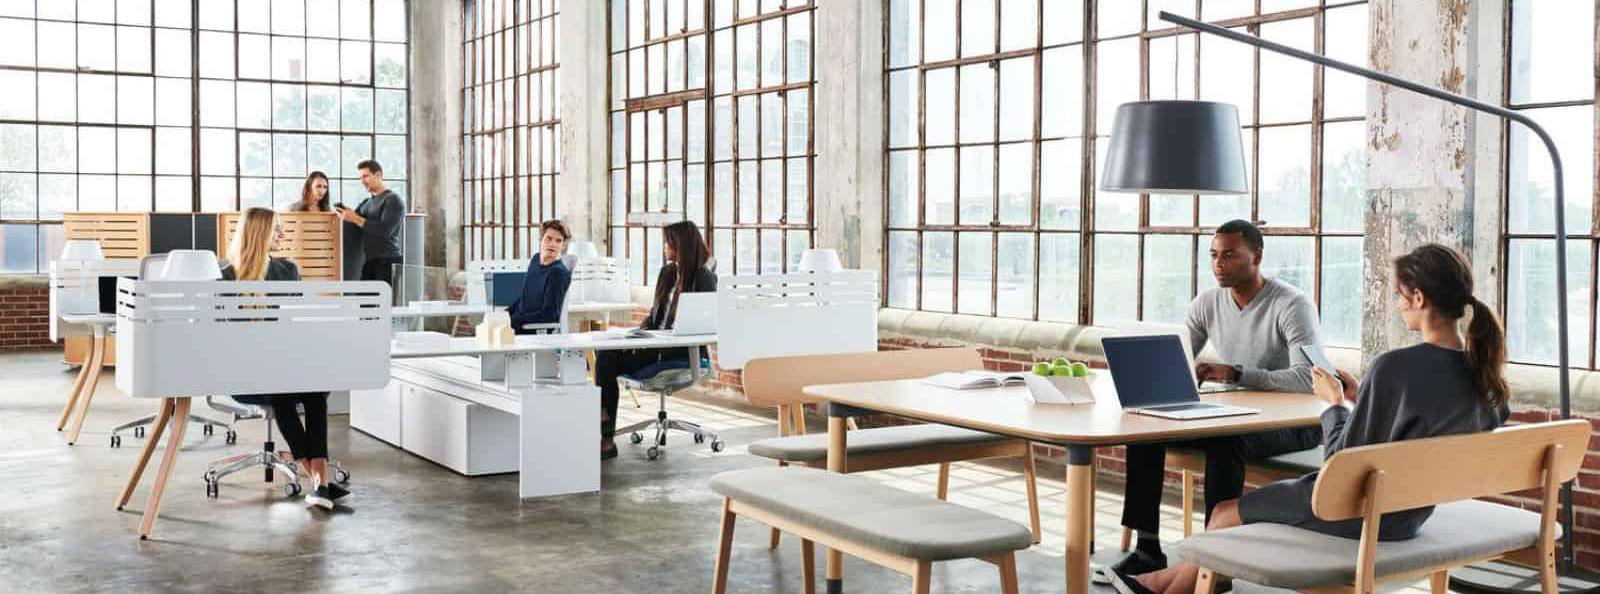 modern-office-zapier-integration